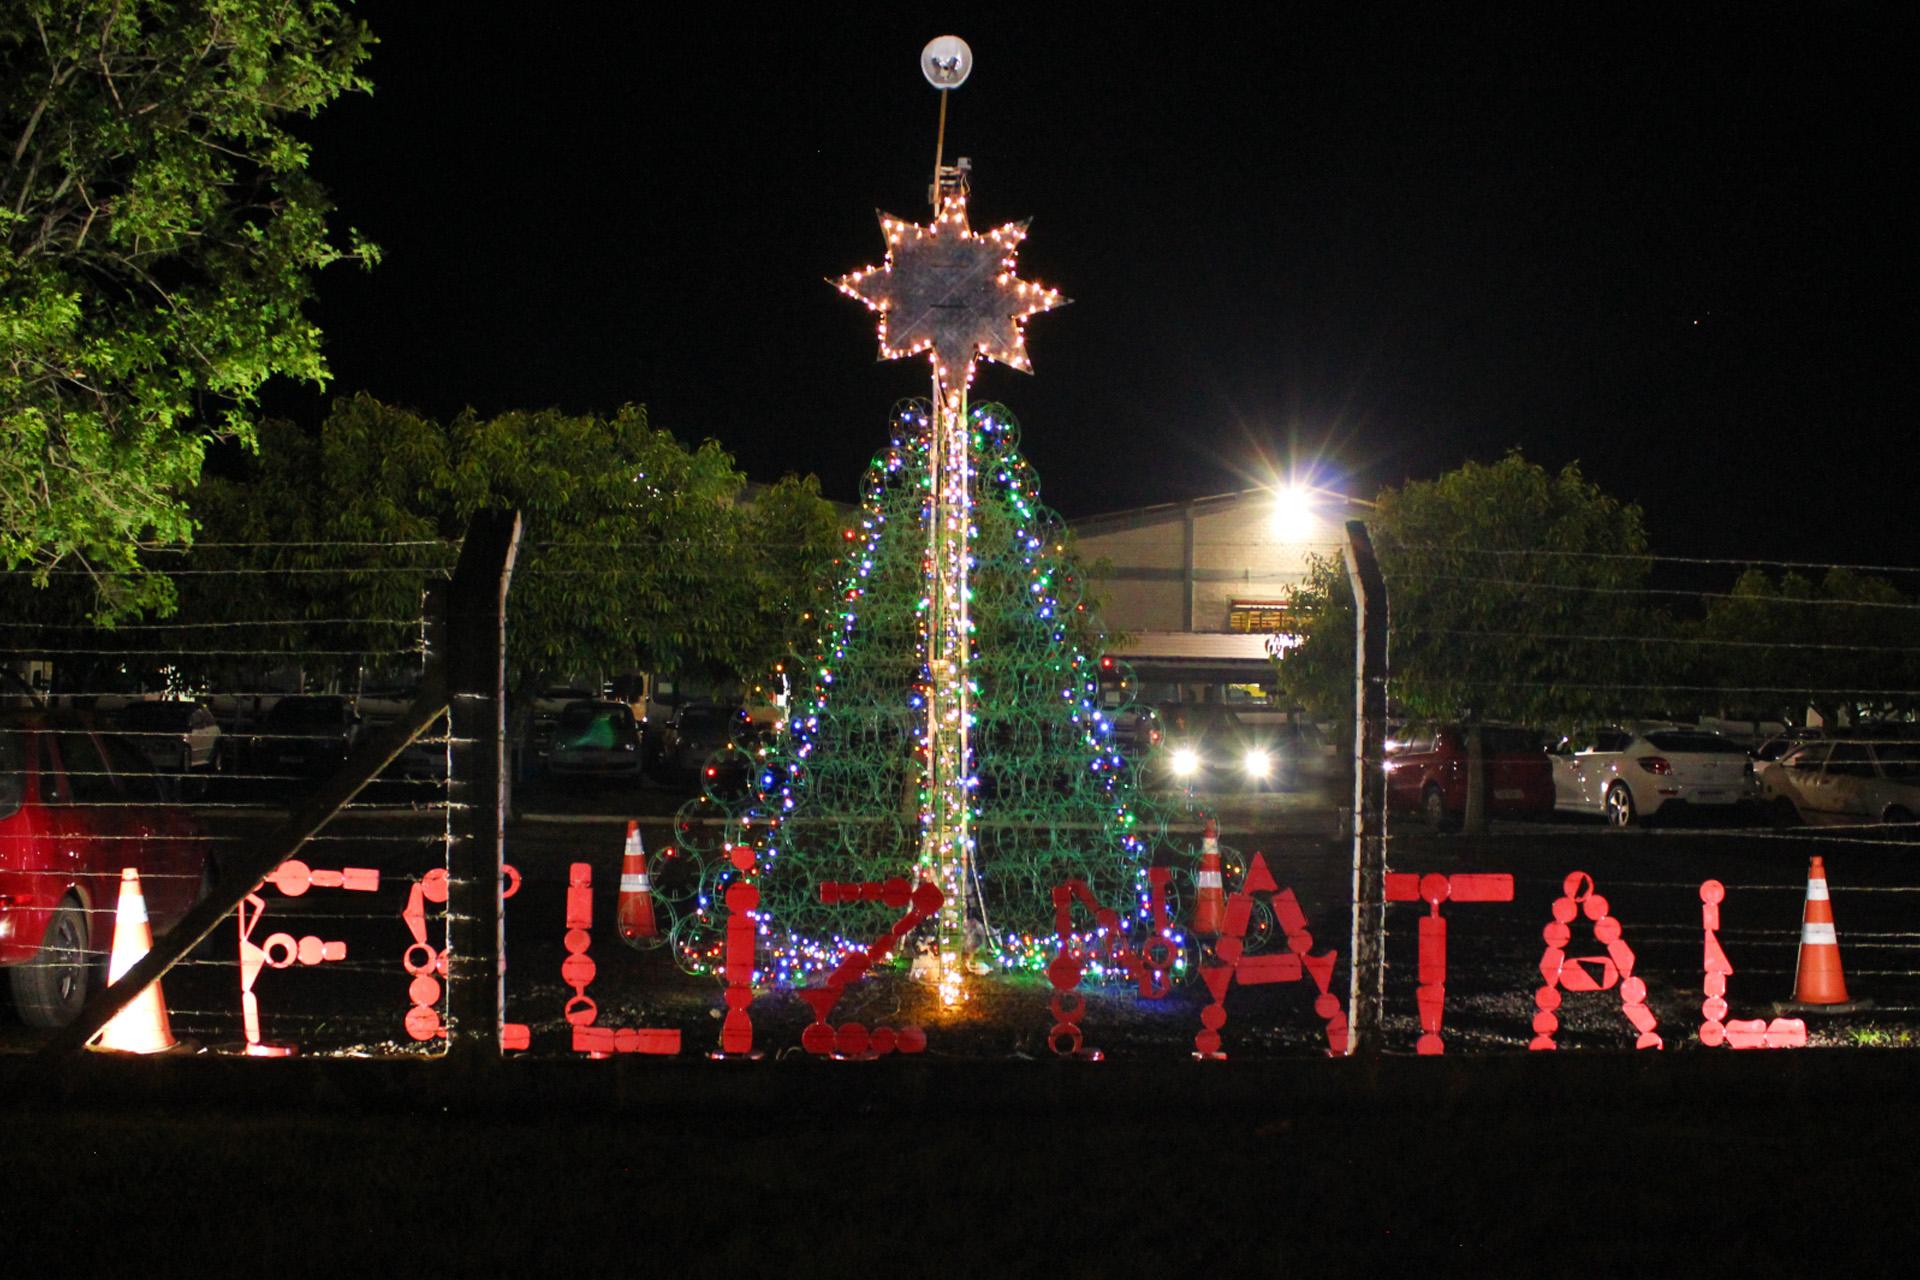 IMG 4116 - Talentos da IMAP: Colaboradores produzem árvore de Natal criativa